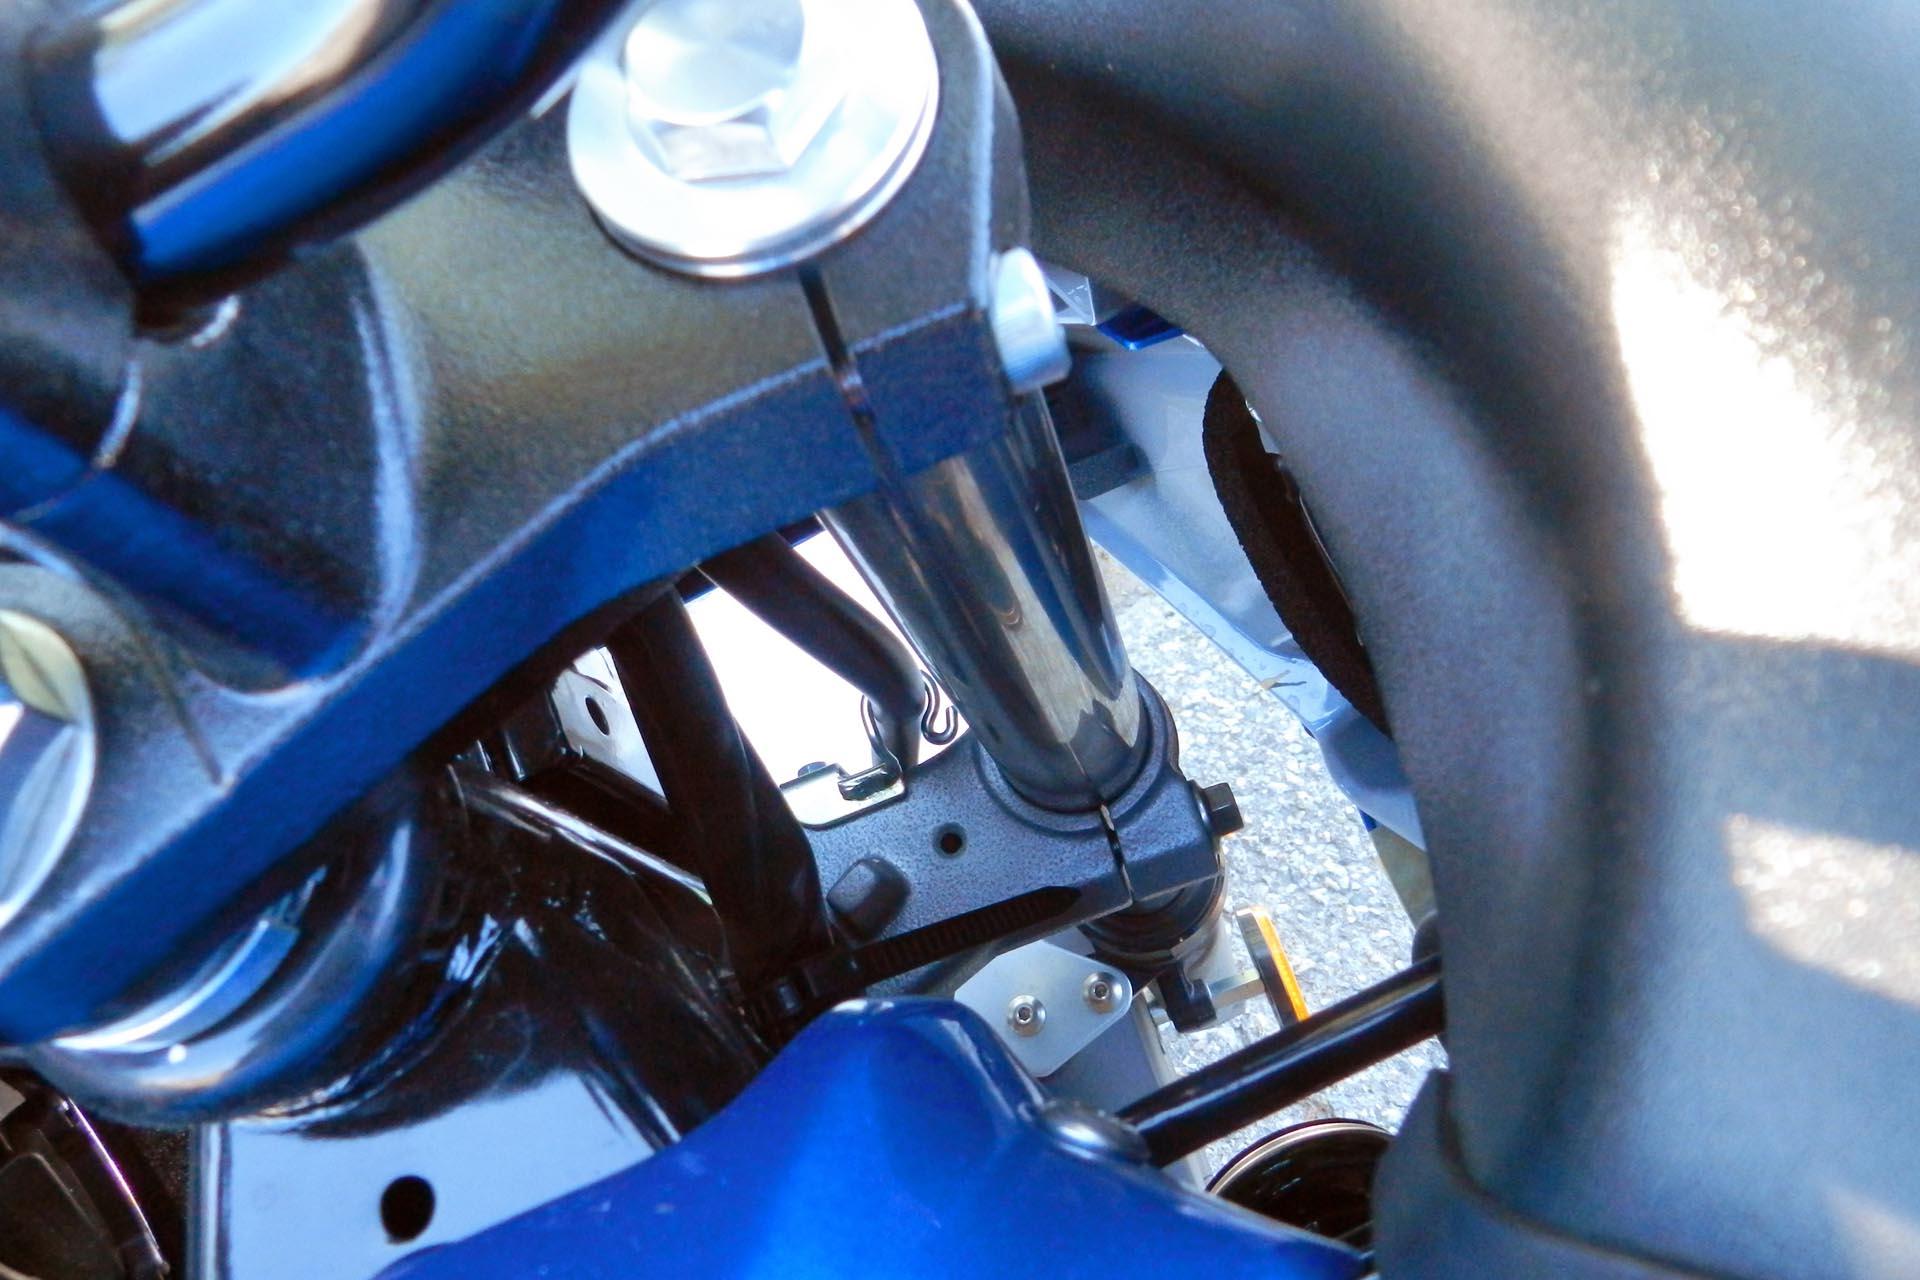 detail of front spring fork